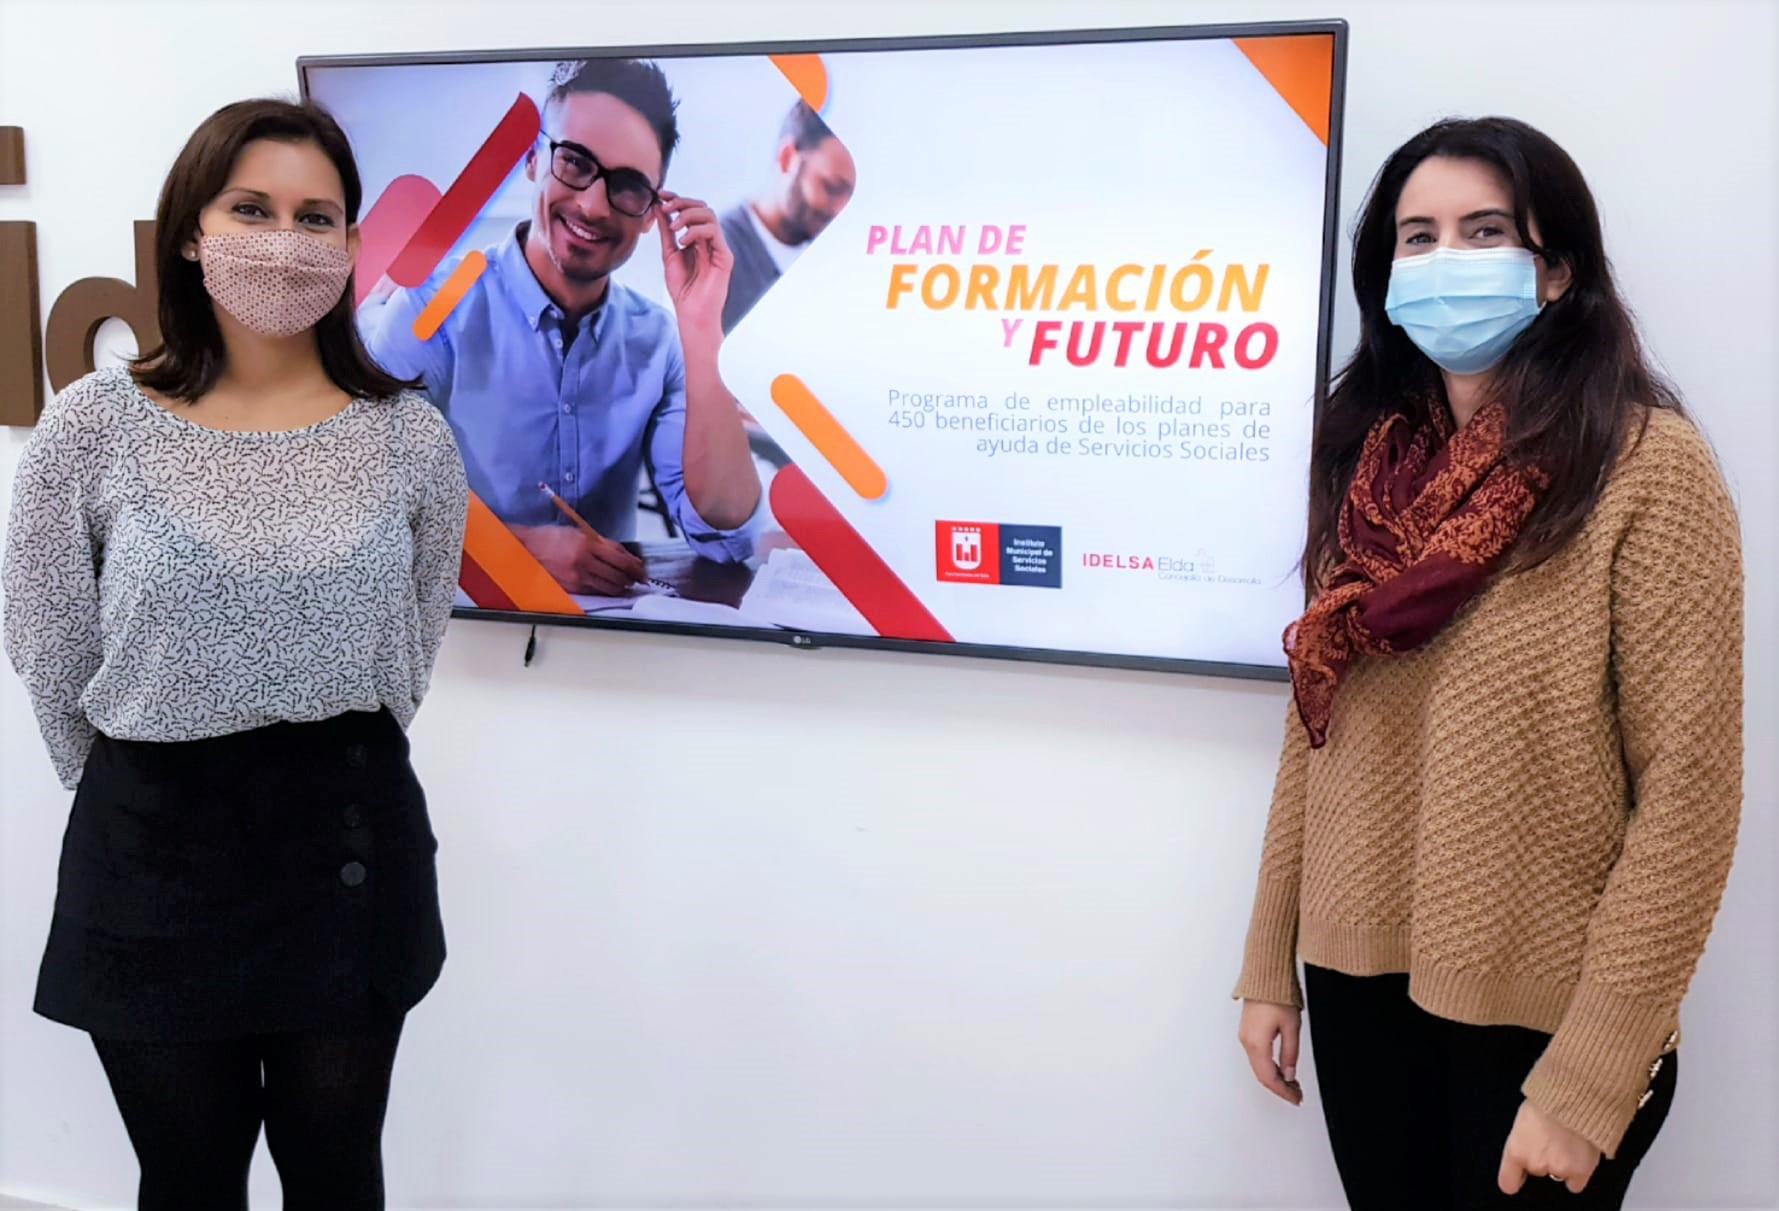 El Ayuntamiento de Elda pondrá en marcha en 2021 un nuevo Plan de Formación y Futuro para personas afectadas por la pandemia tras el éxito del organizado este año